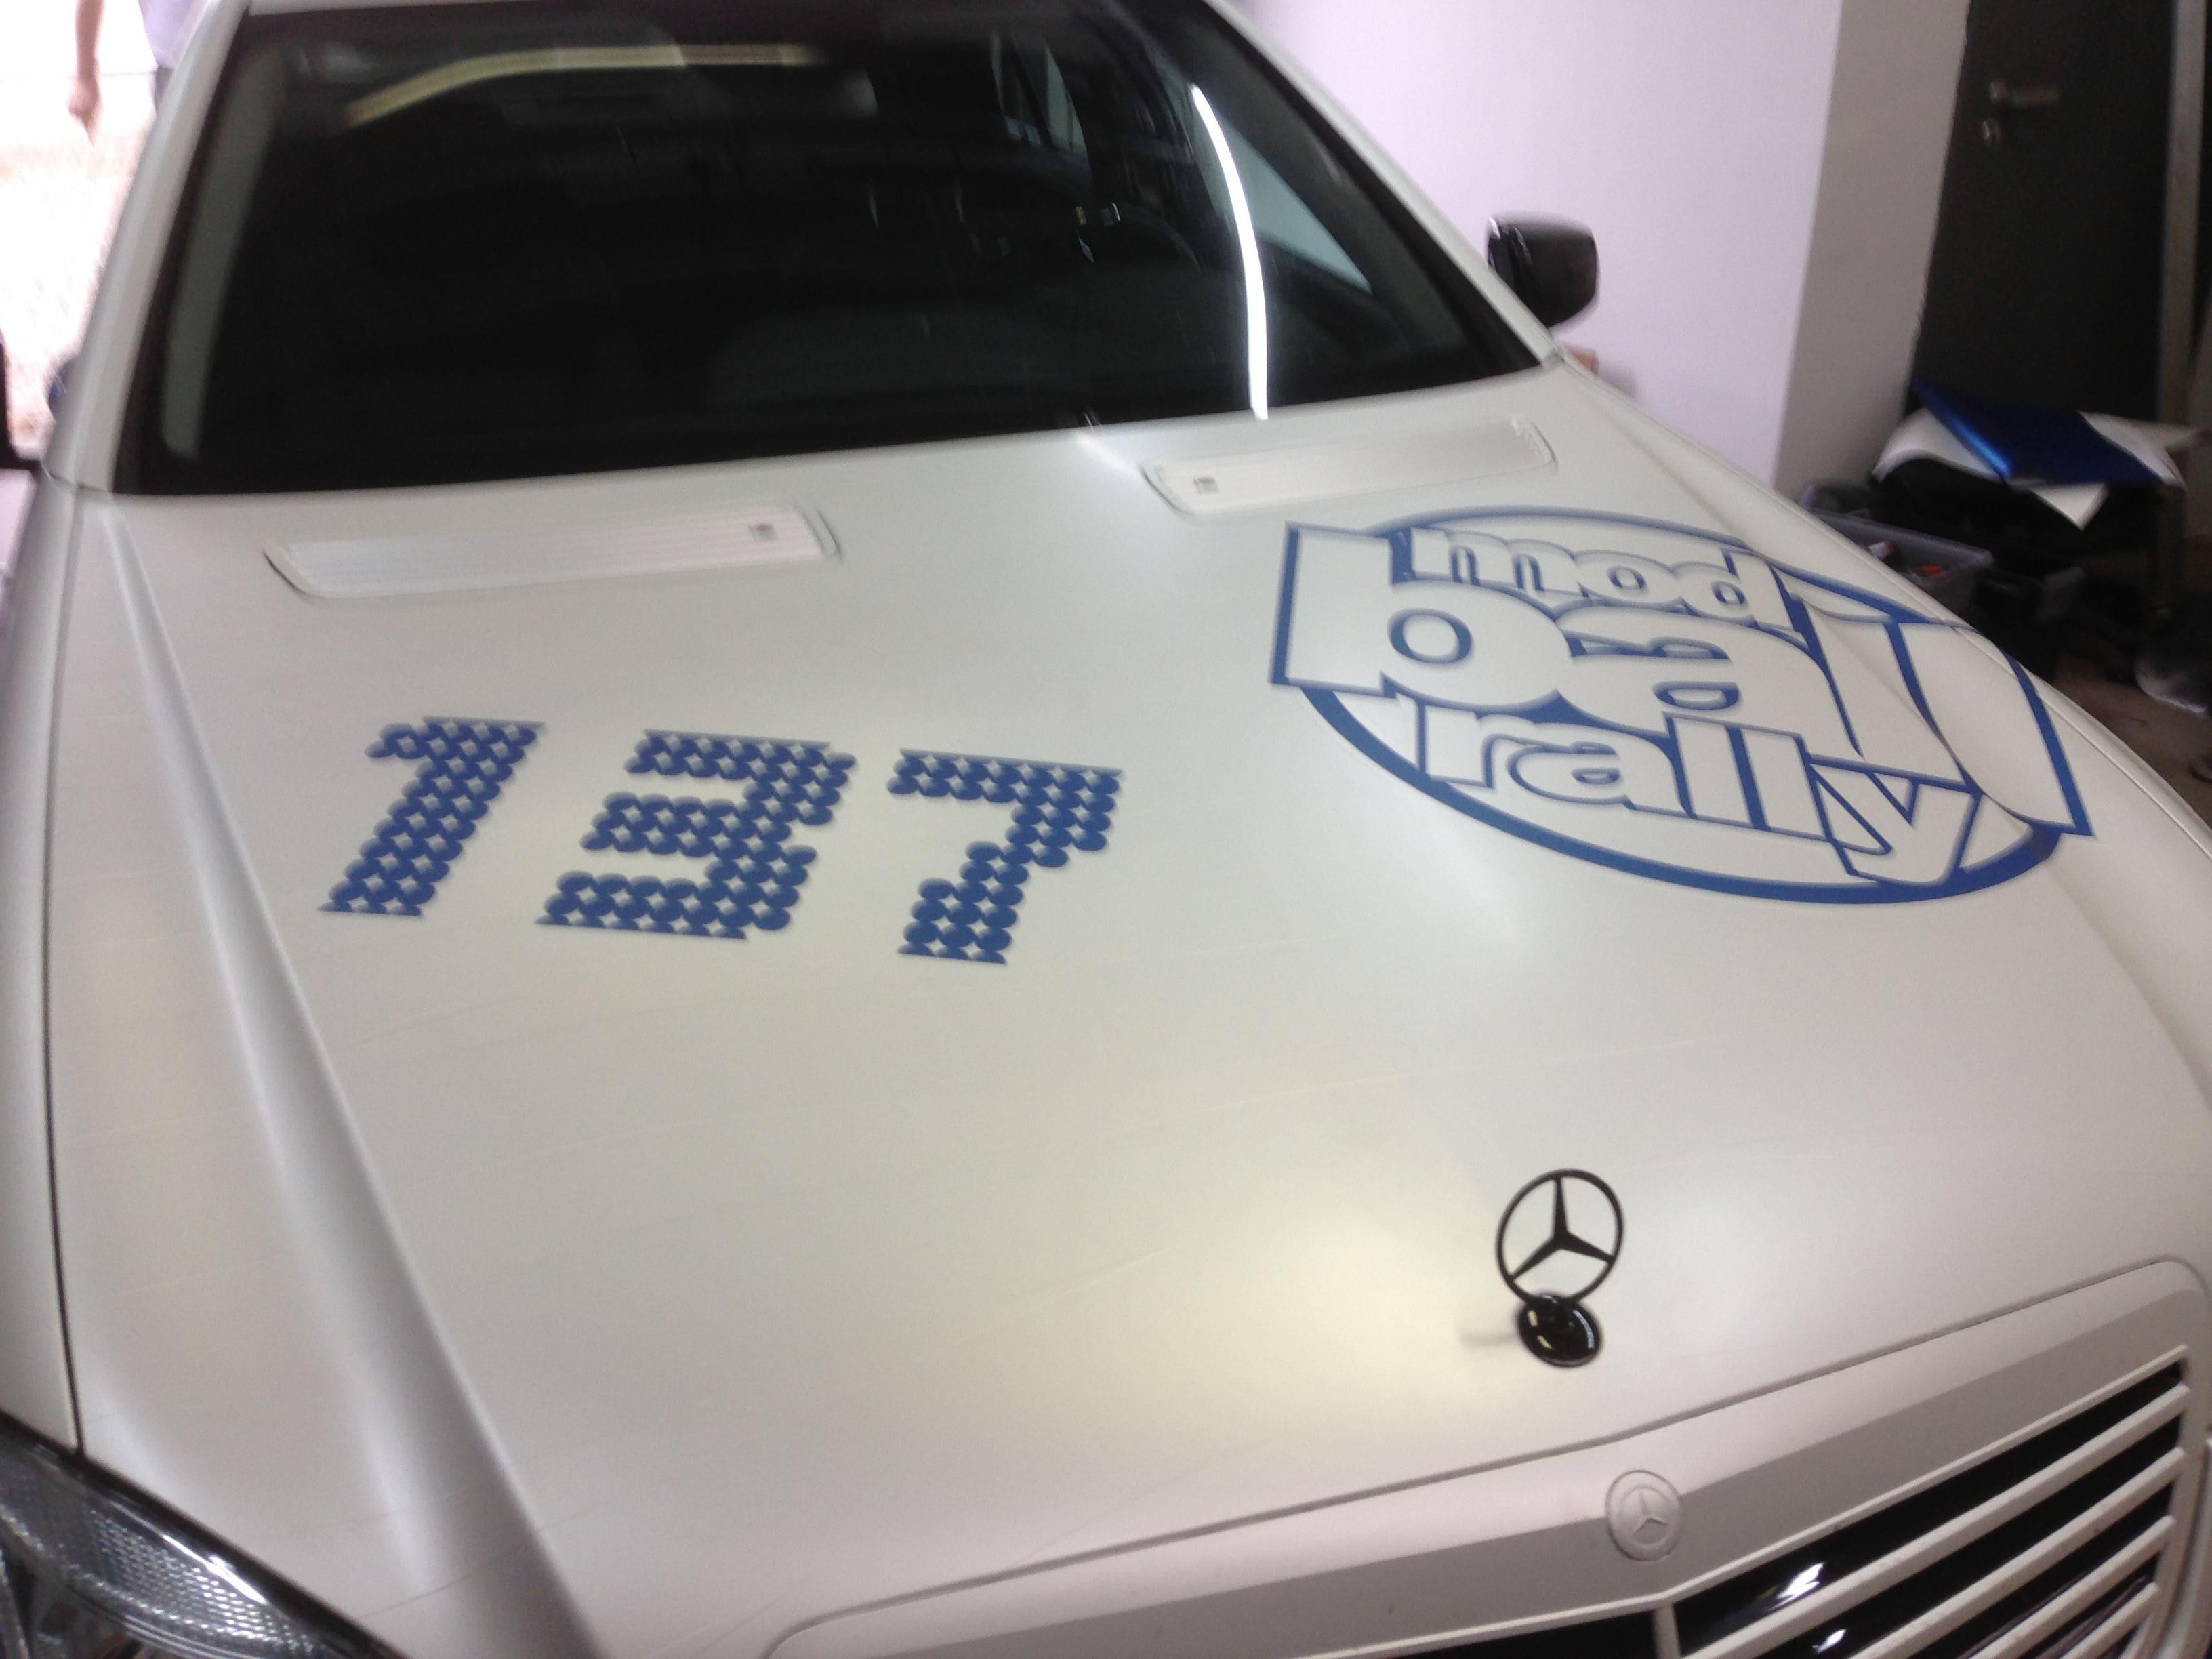 Mercedes S-Klasse AMG met Speciale Modball Wrap, Carwrapping door Wrapmyride.nu Foto-nr:6326, ©2021